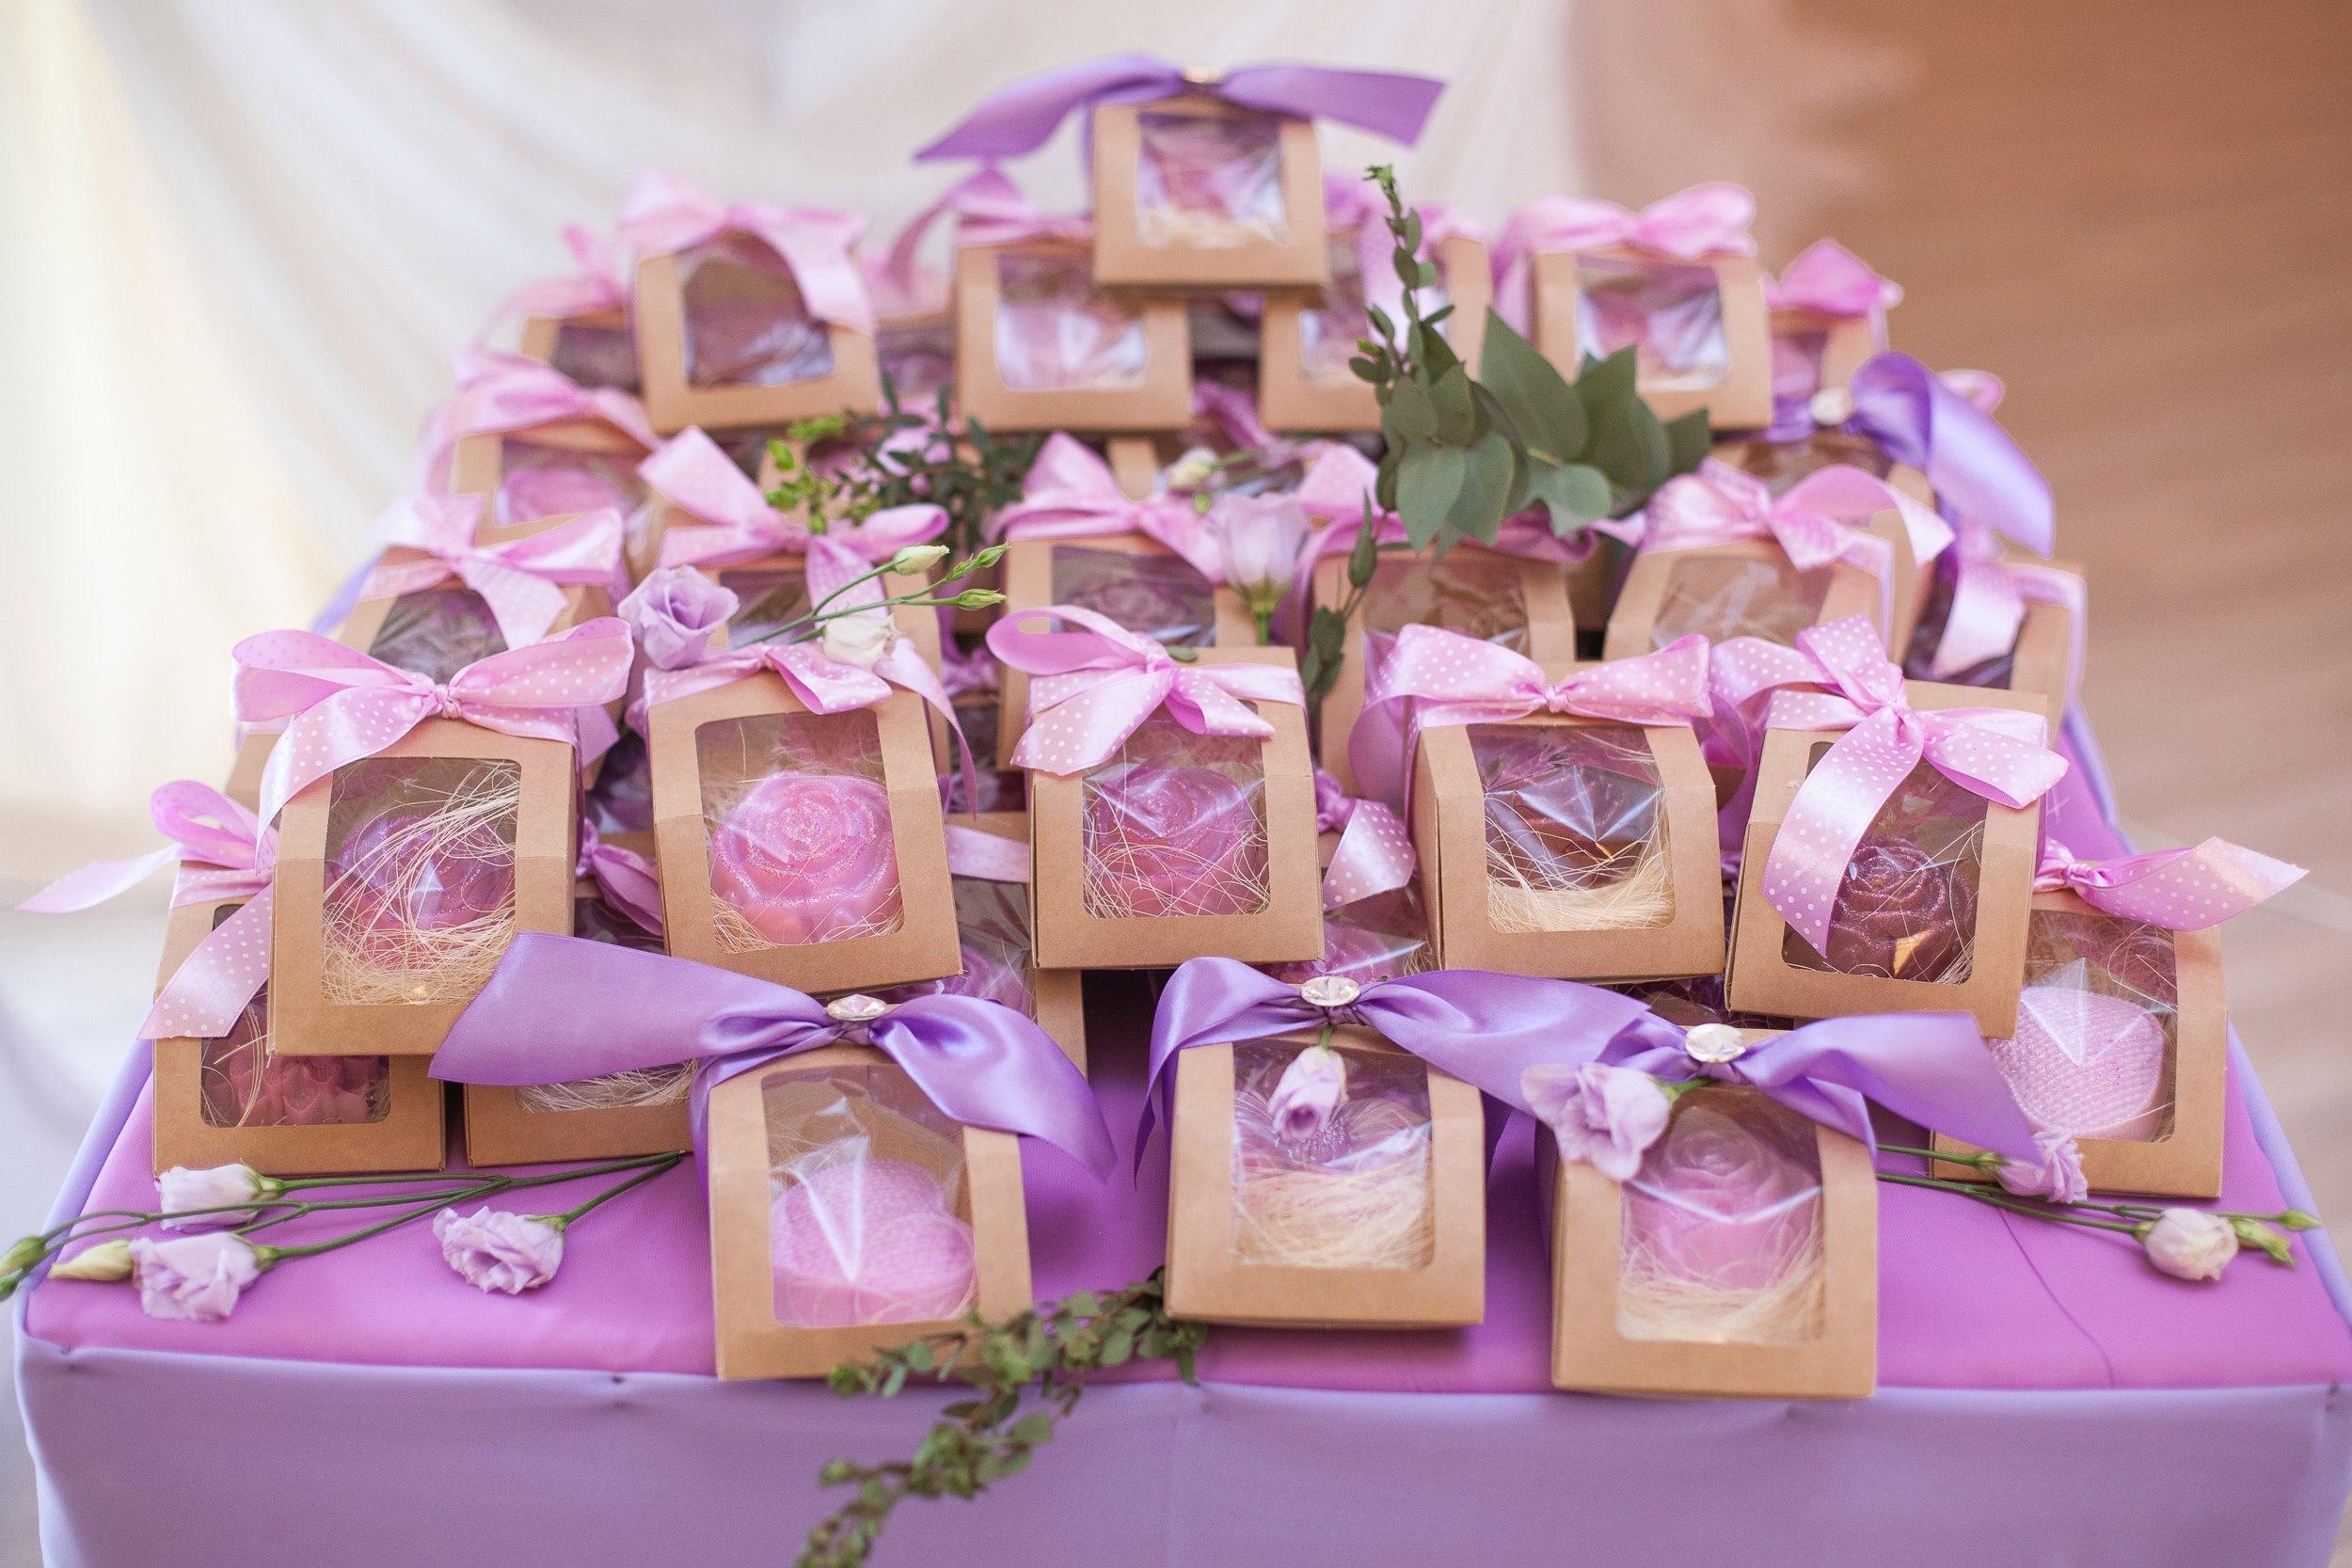 Идеи маленьких подарков для гостей на юбилее Подарки гостям